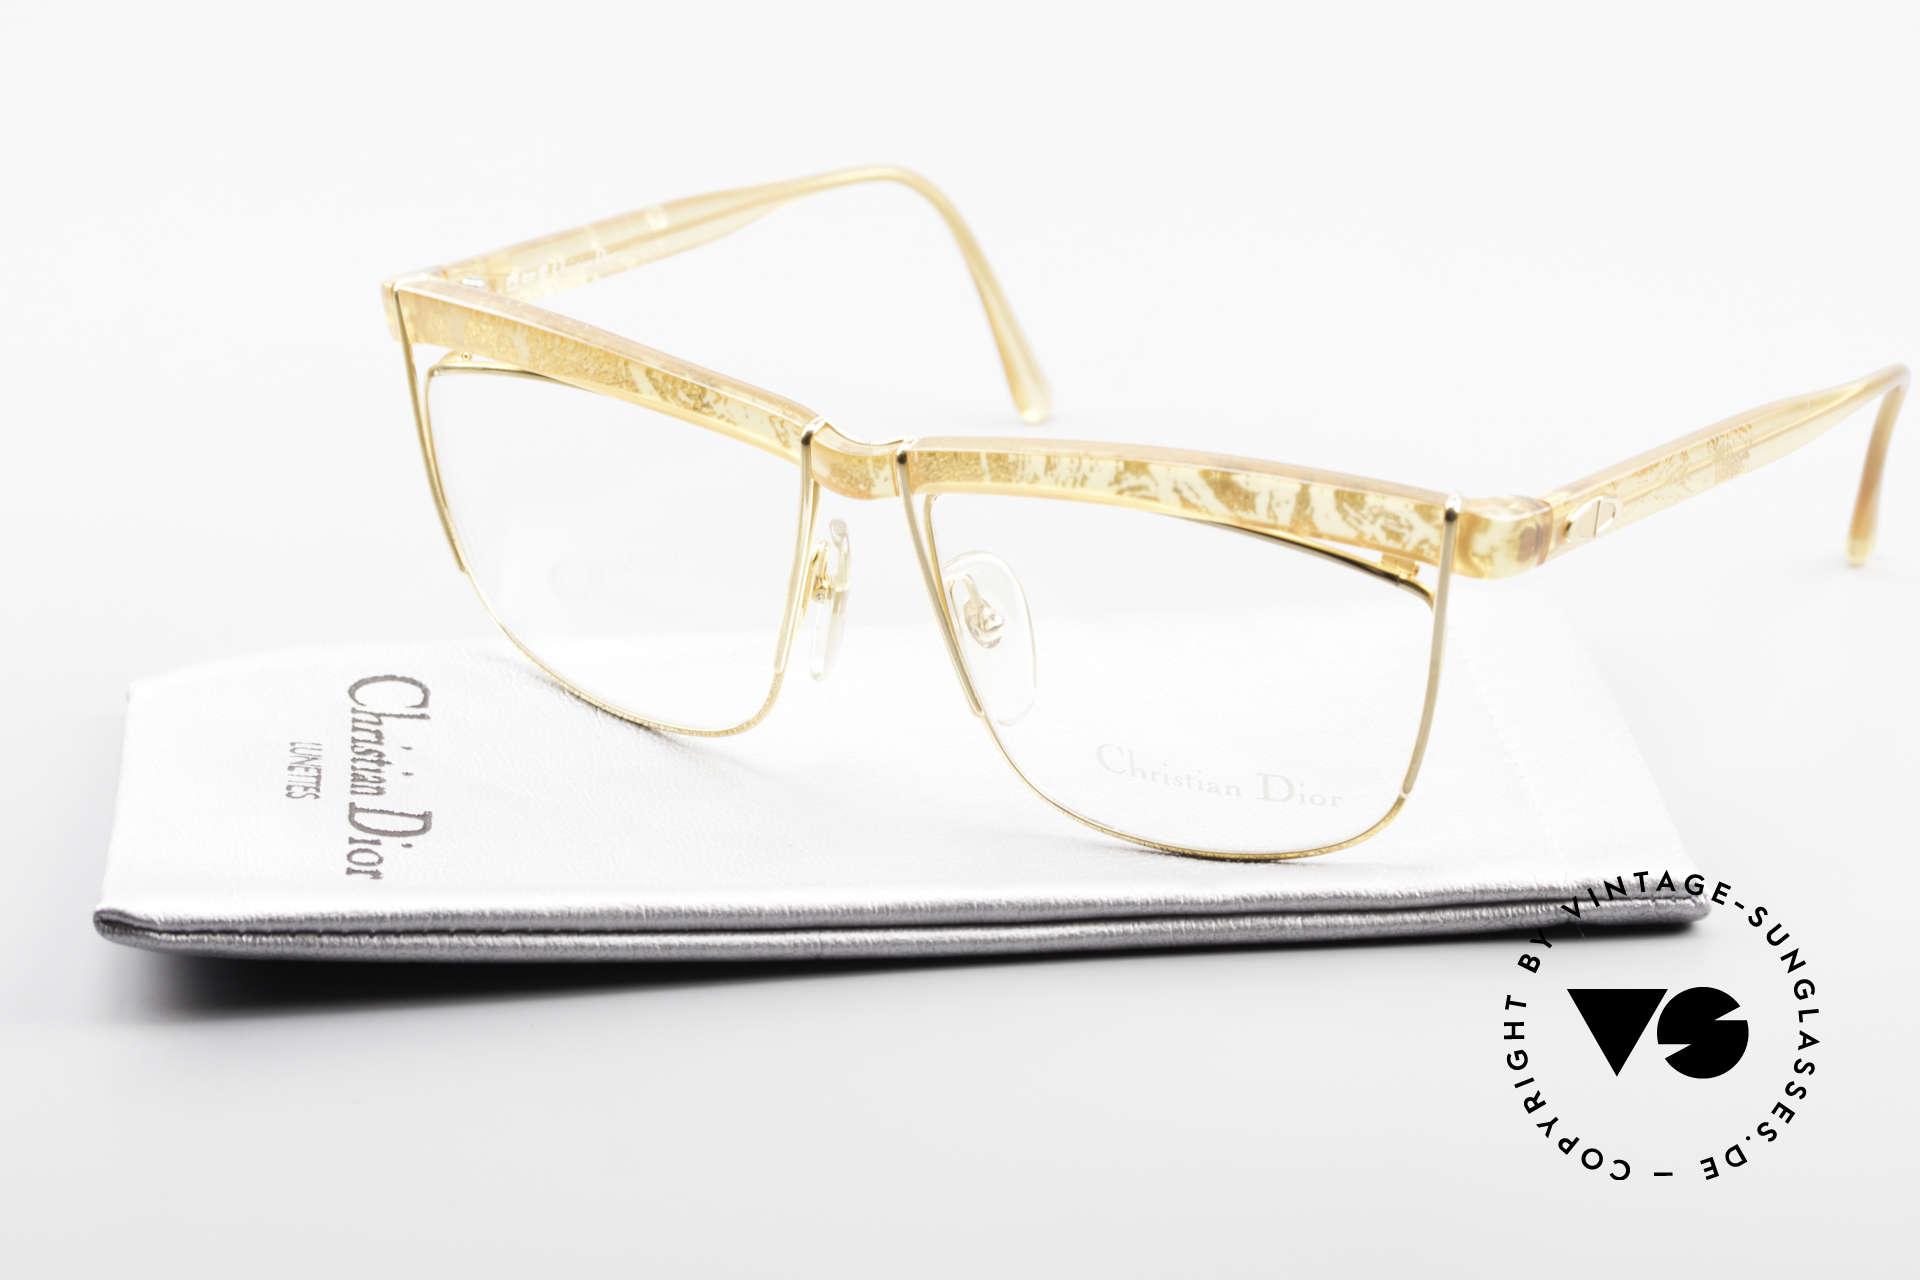 Christian Dior 2552 90er Vintage Brille Damen, Qualitätsfassung kann beliebig verglast werden, Passend für Damen